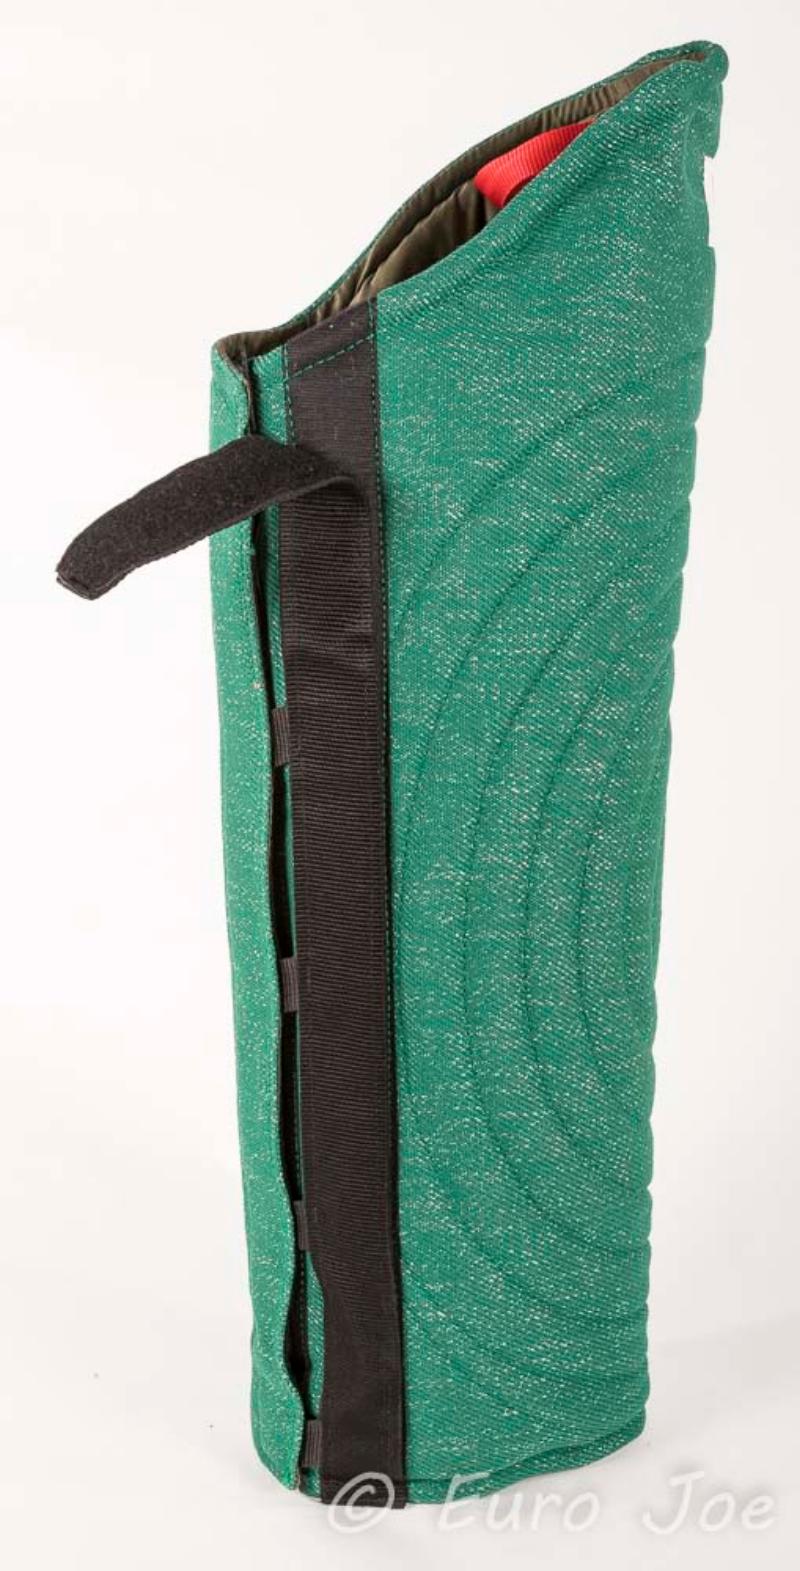 Euro-Joe-Bite-Sleeve-Leg-High-Velcro-Nylcot